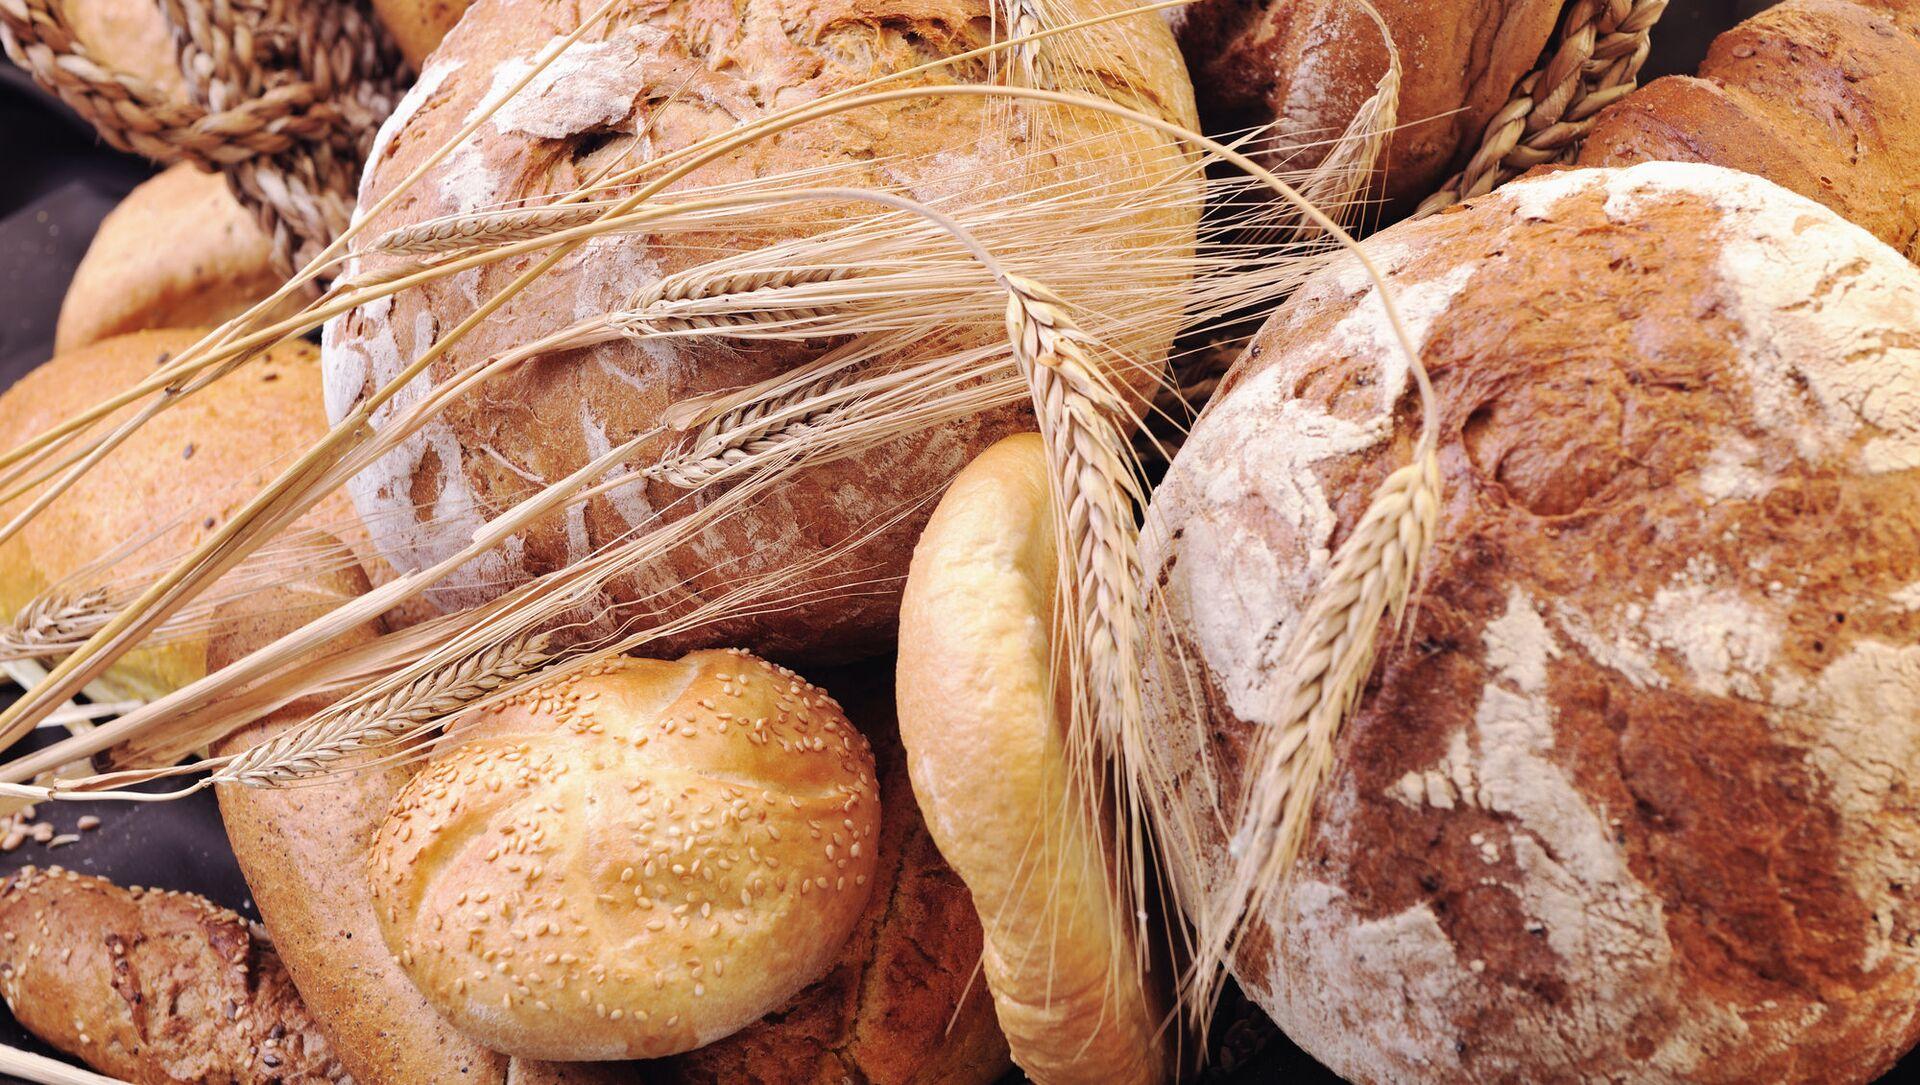 Čerstvě upečený chléb na stole - Sputnik Česká republika, 1920, 25.03.2021